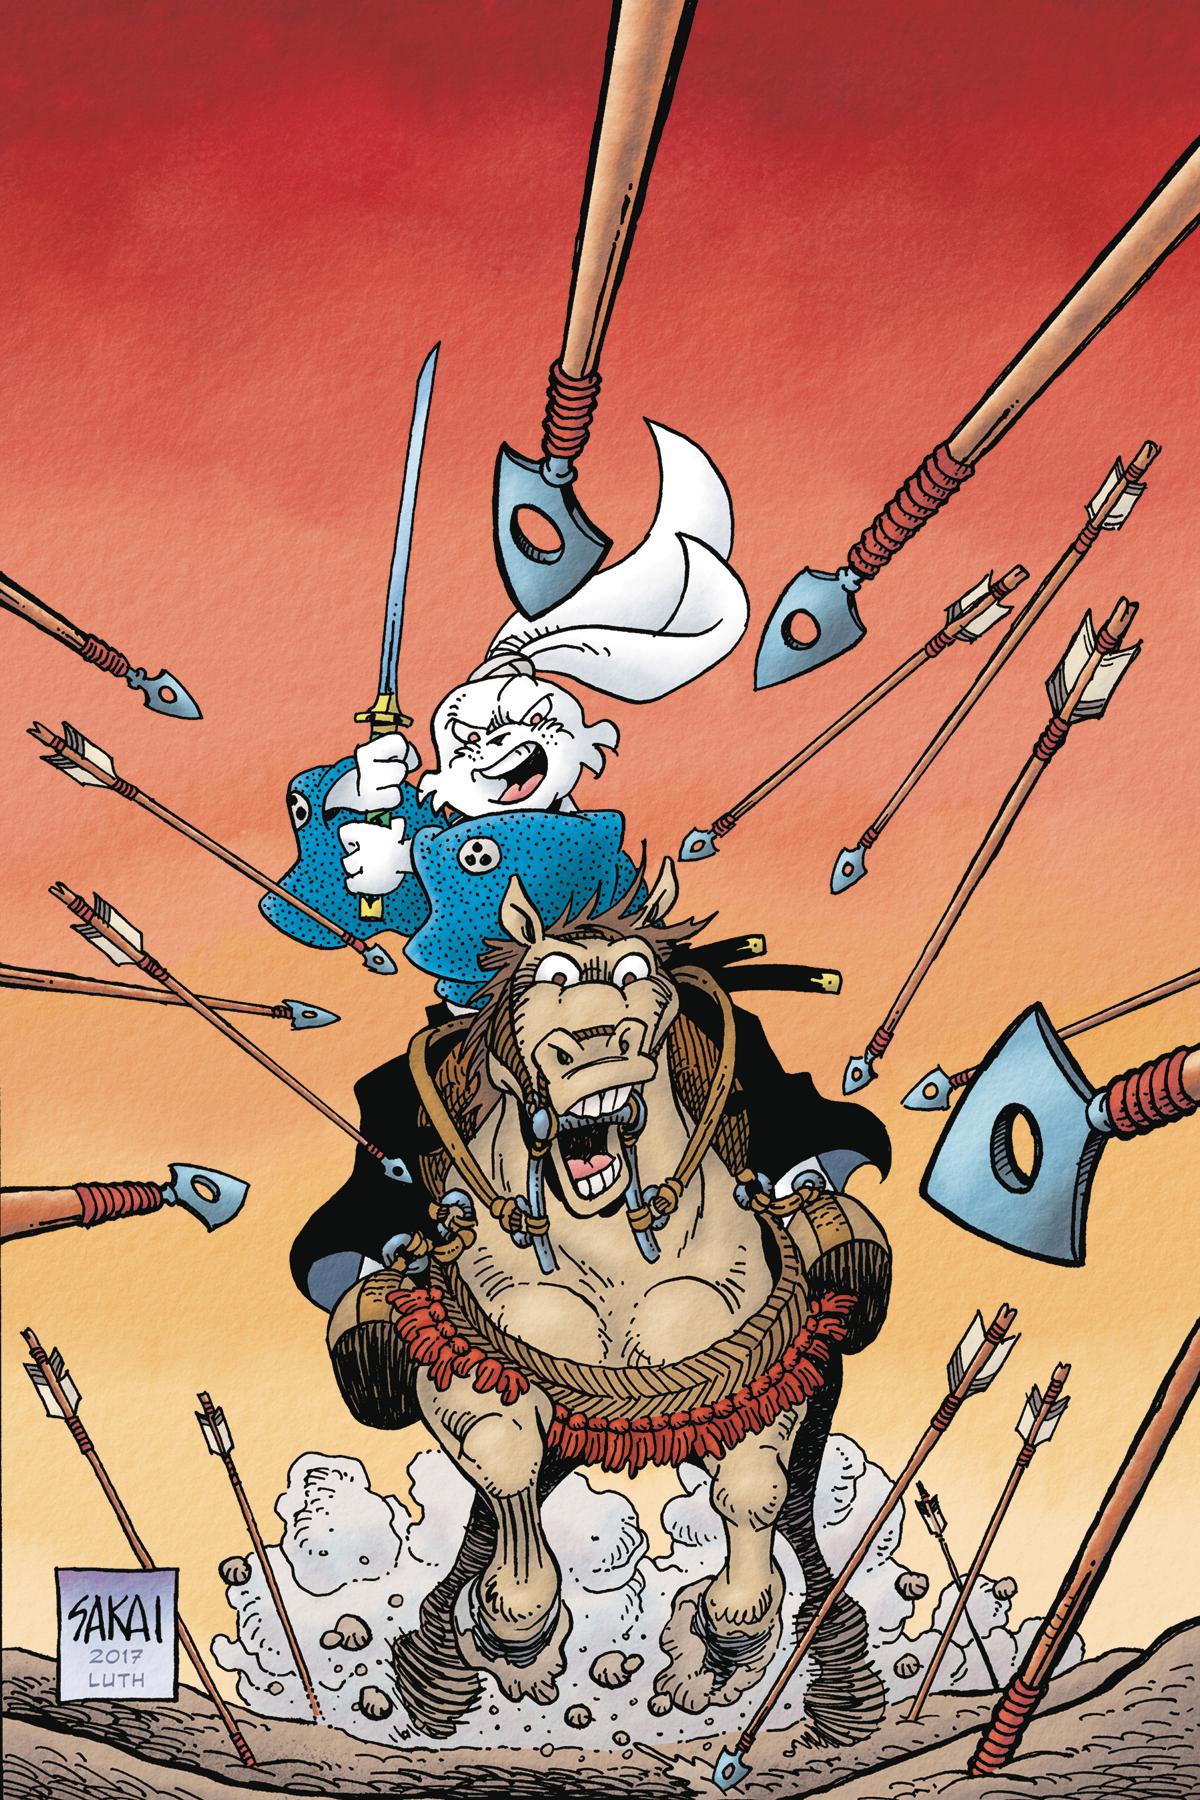 Stan Sakai Relaunches Usagi Yojimbo with First New #1 in 22 Years